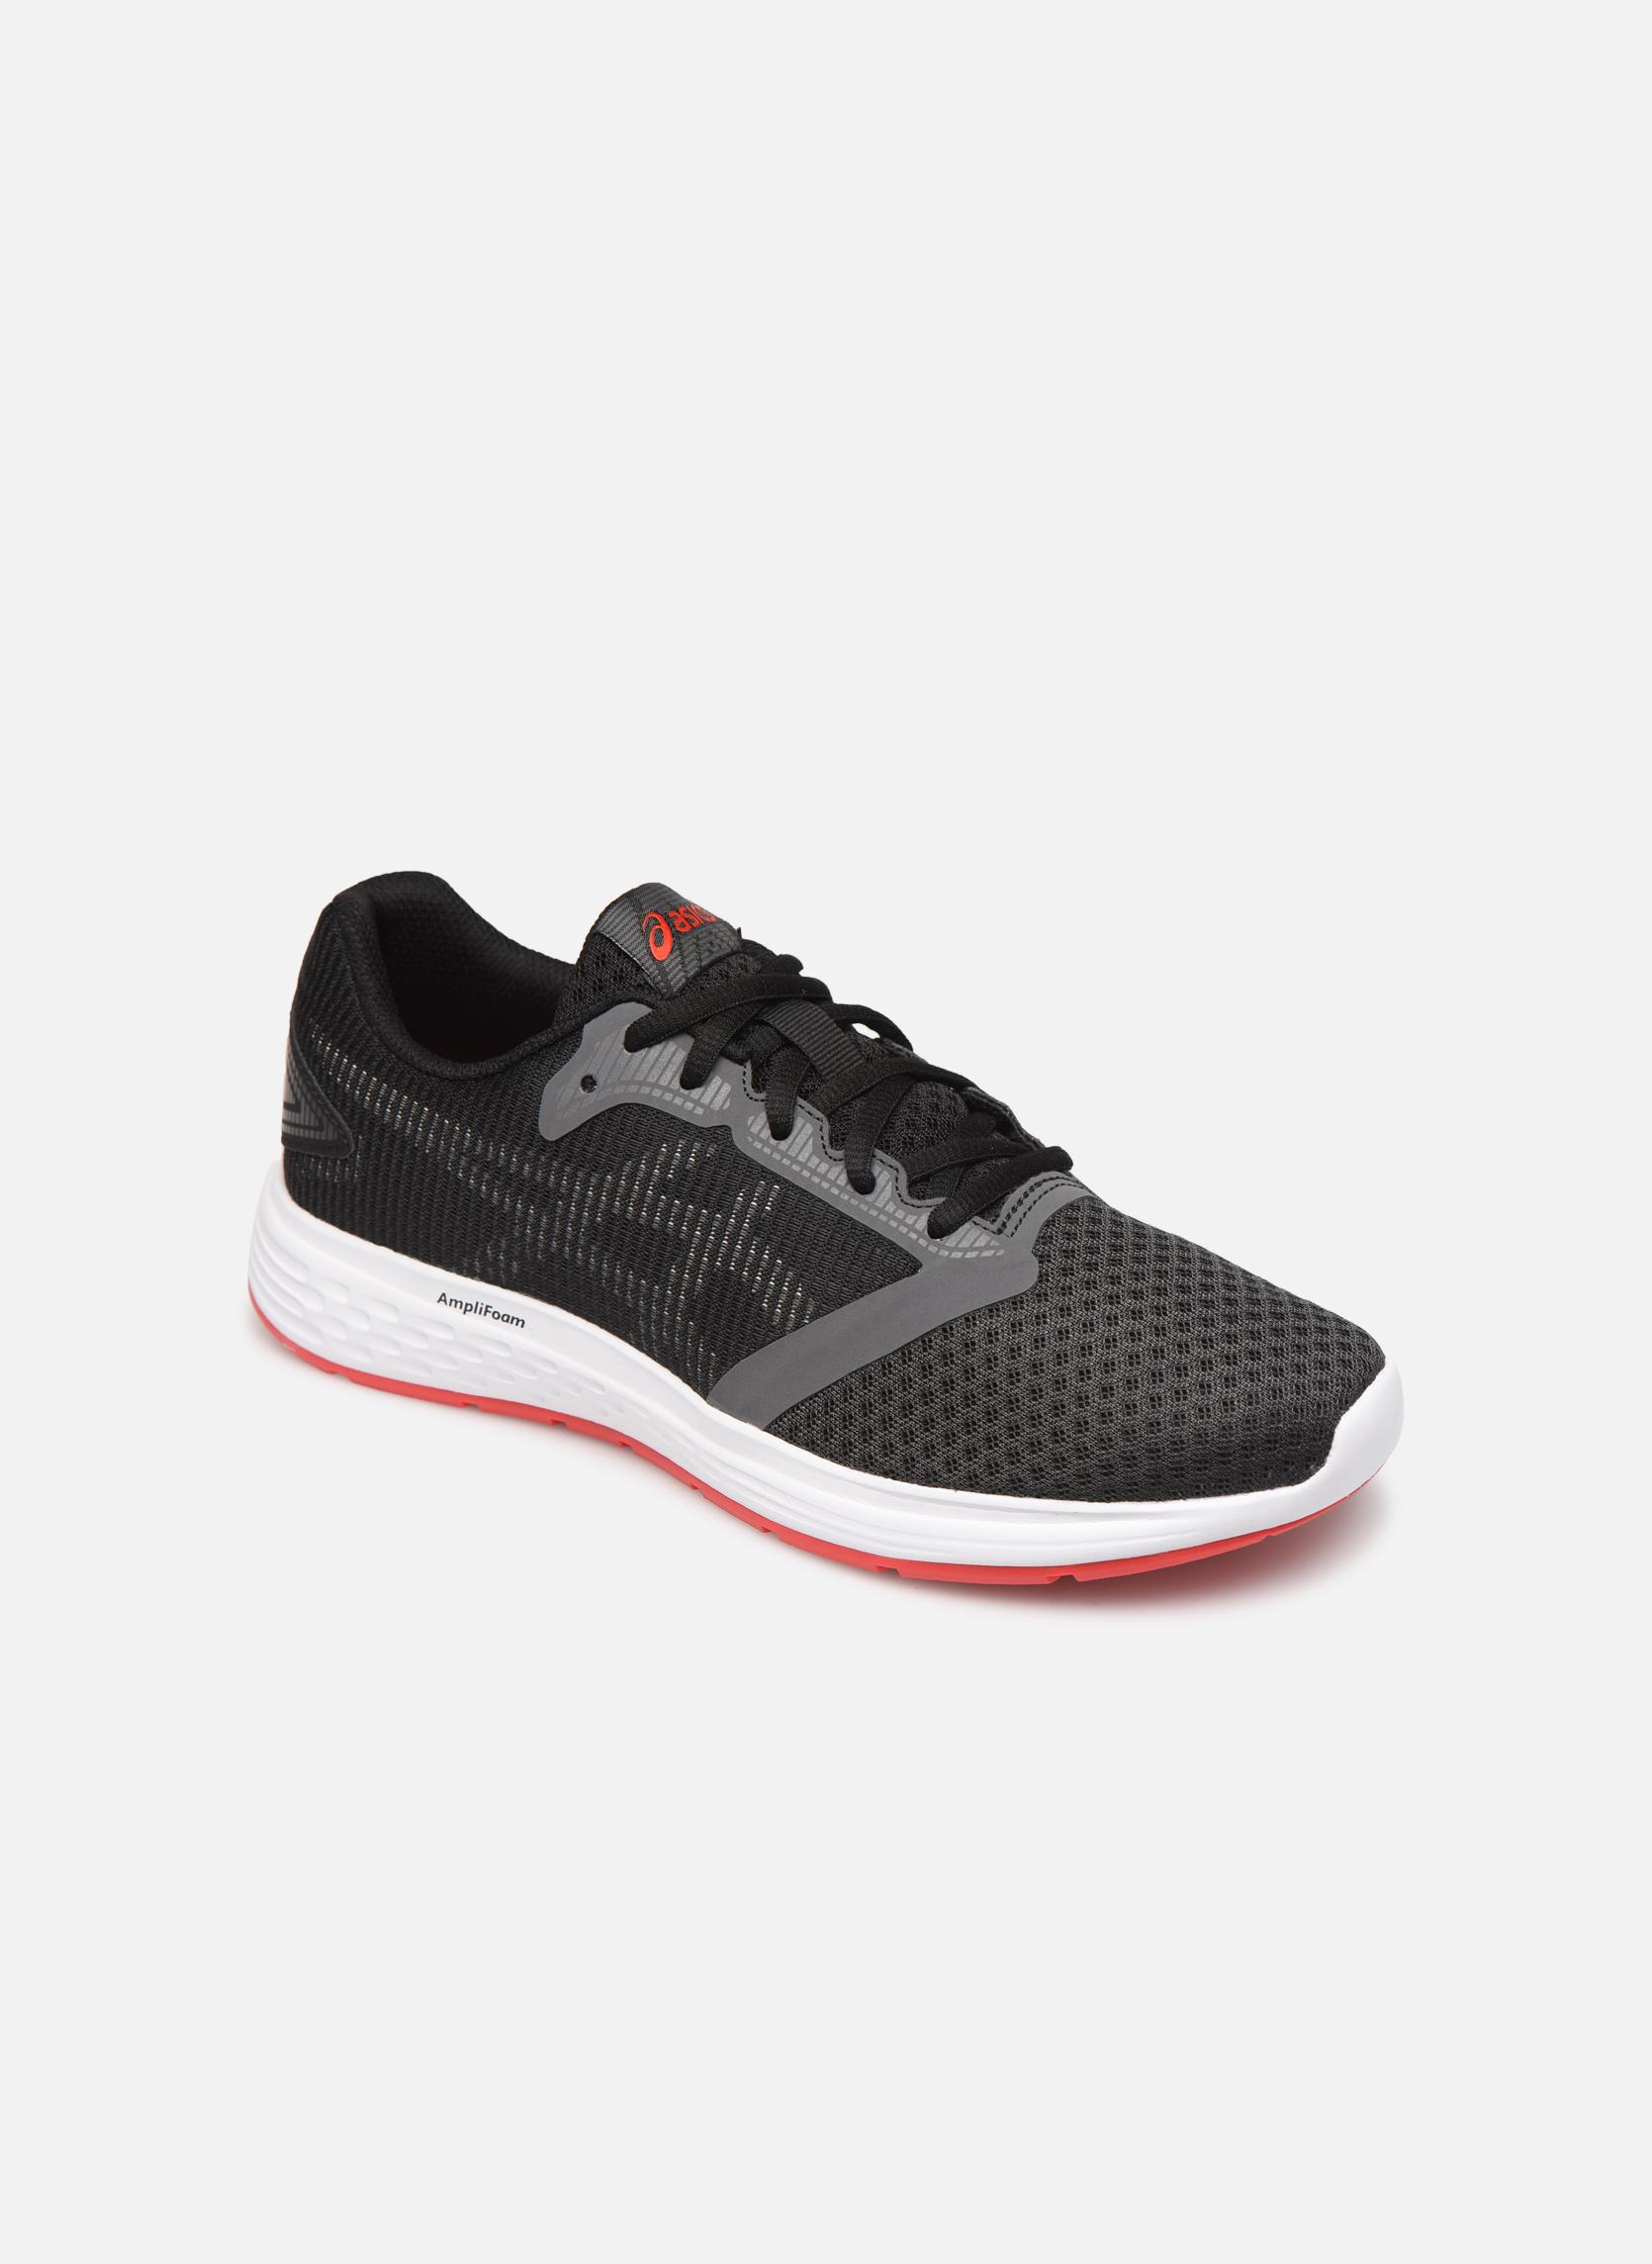 167db1ac516 Outlet de zapatillas de running niño - niña talla 40 baratas ...